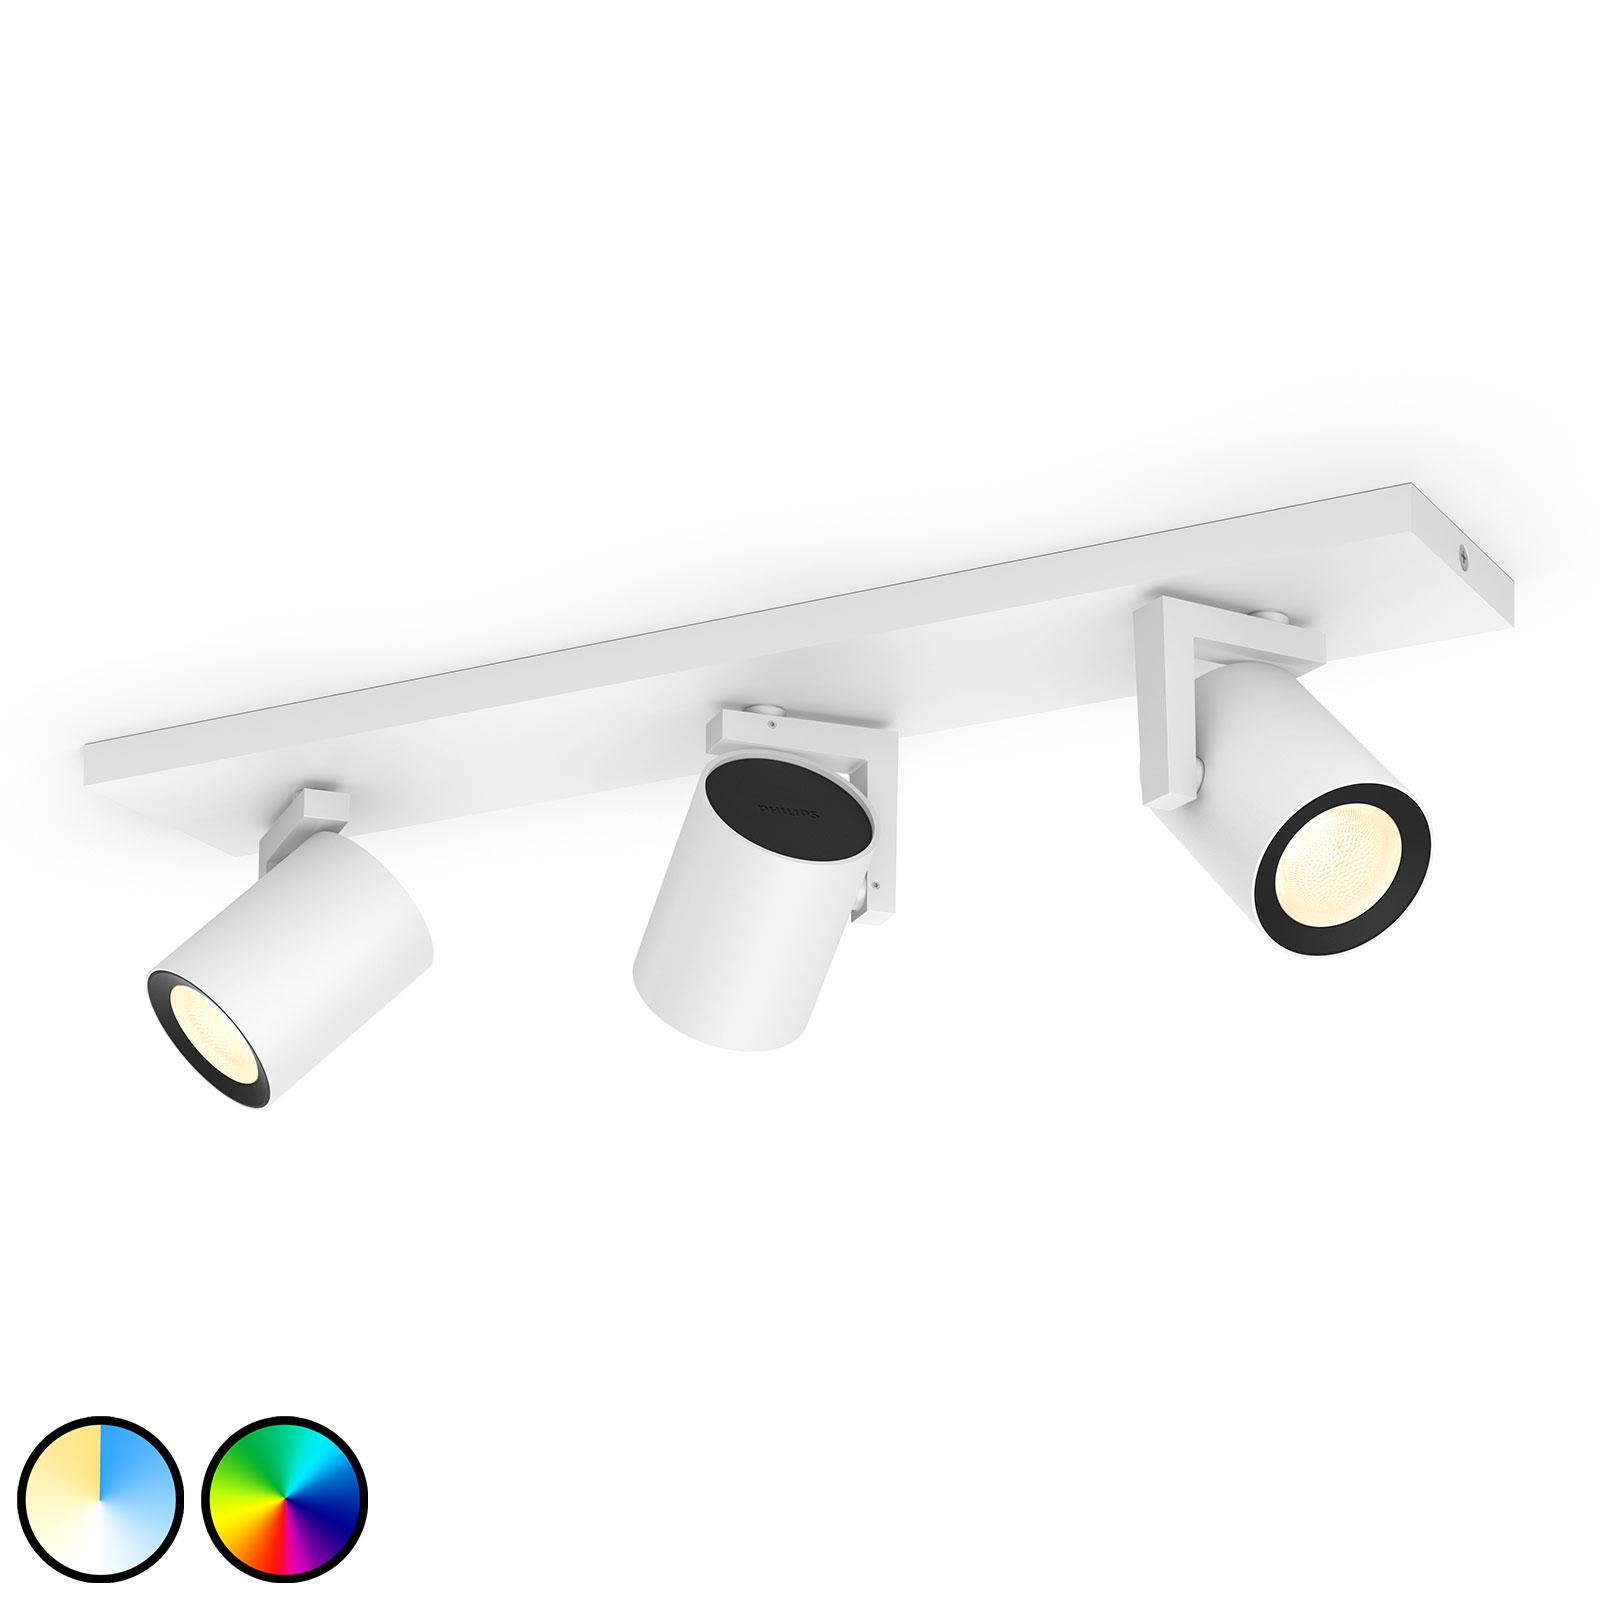 Philips Hue Argenta LED-spot, 3 lyskilder, hvidt